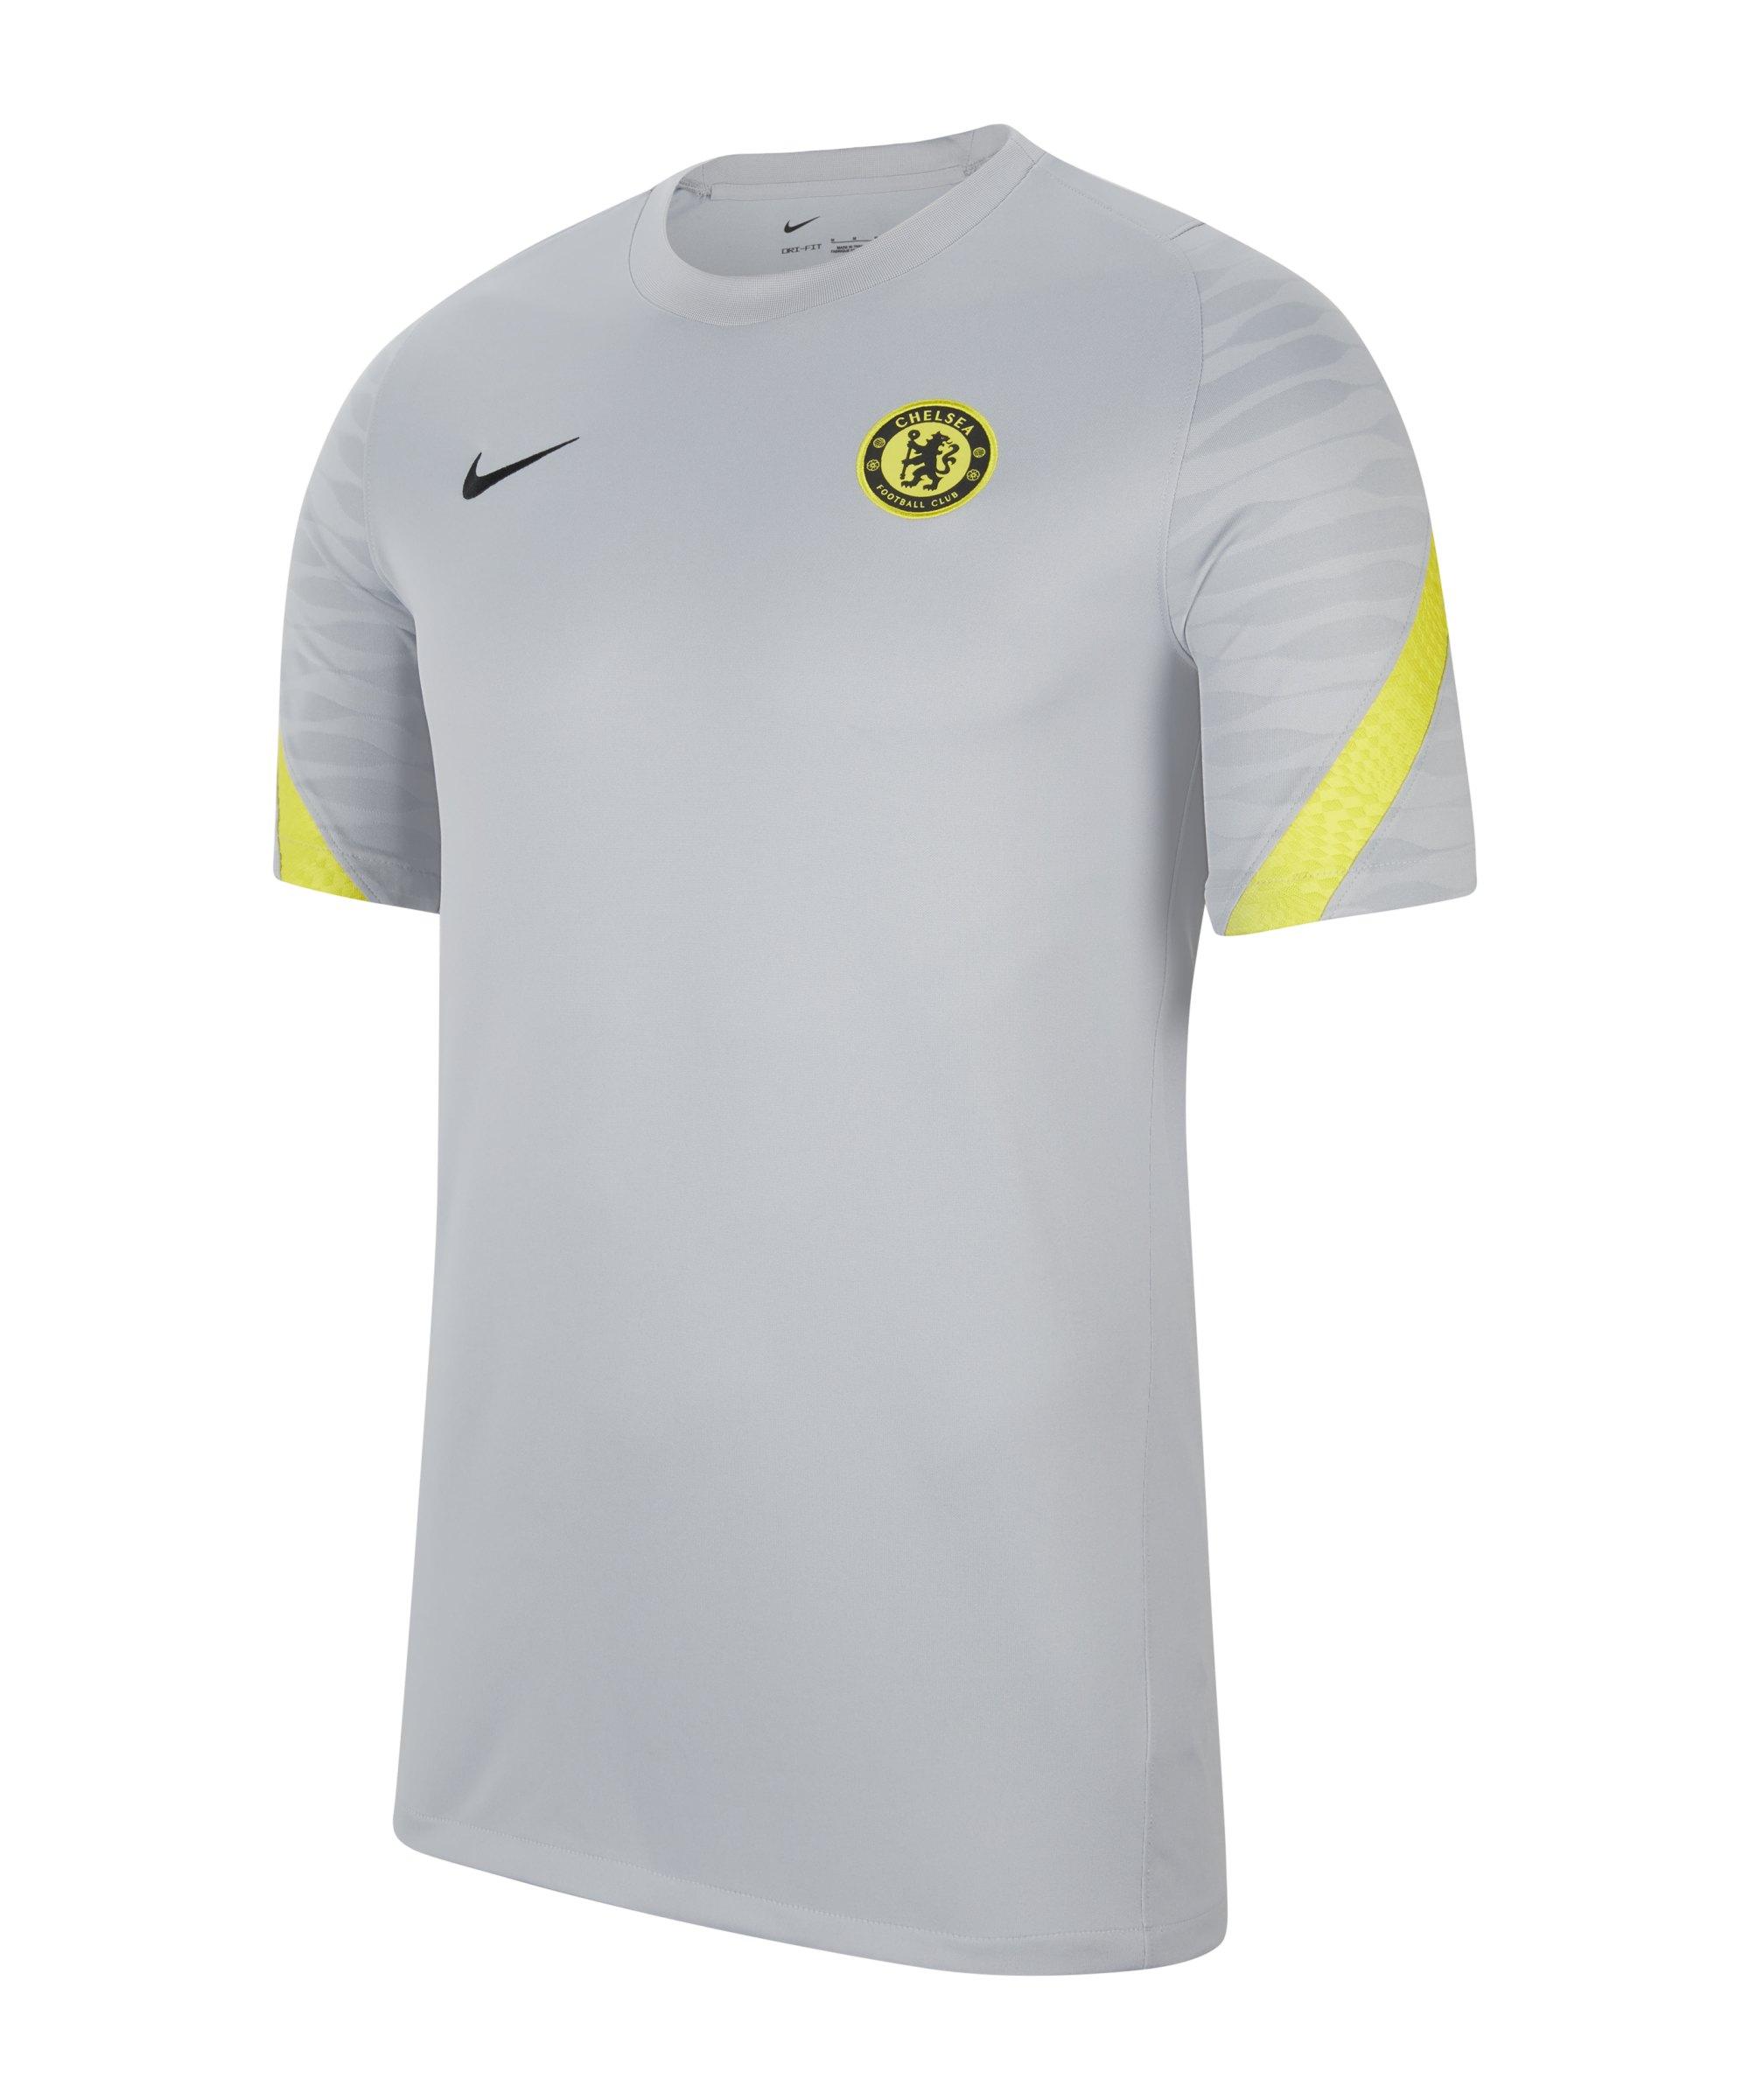 Nike FC Chelsea London Trainingsshirt Grau F015 - grau